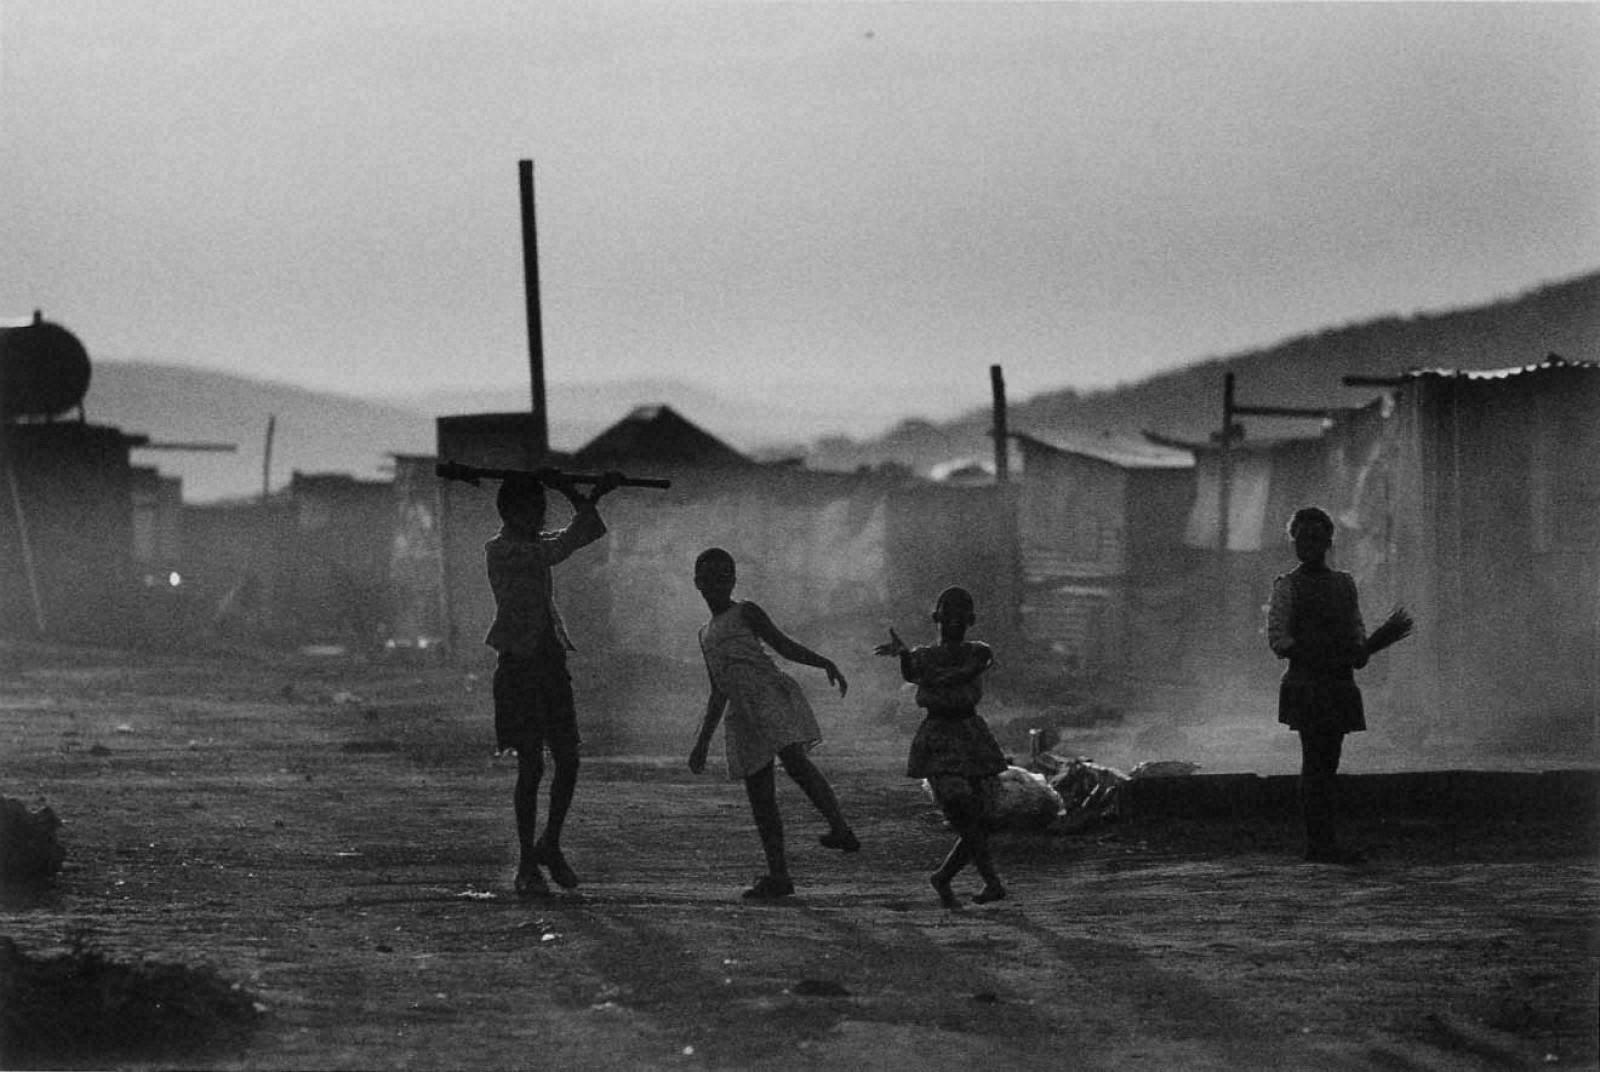 戦場から人間へ―長倉洋海18年の軌跡 日没に、子供たちの姿がシルエットになった